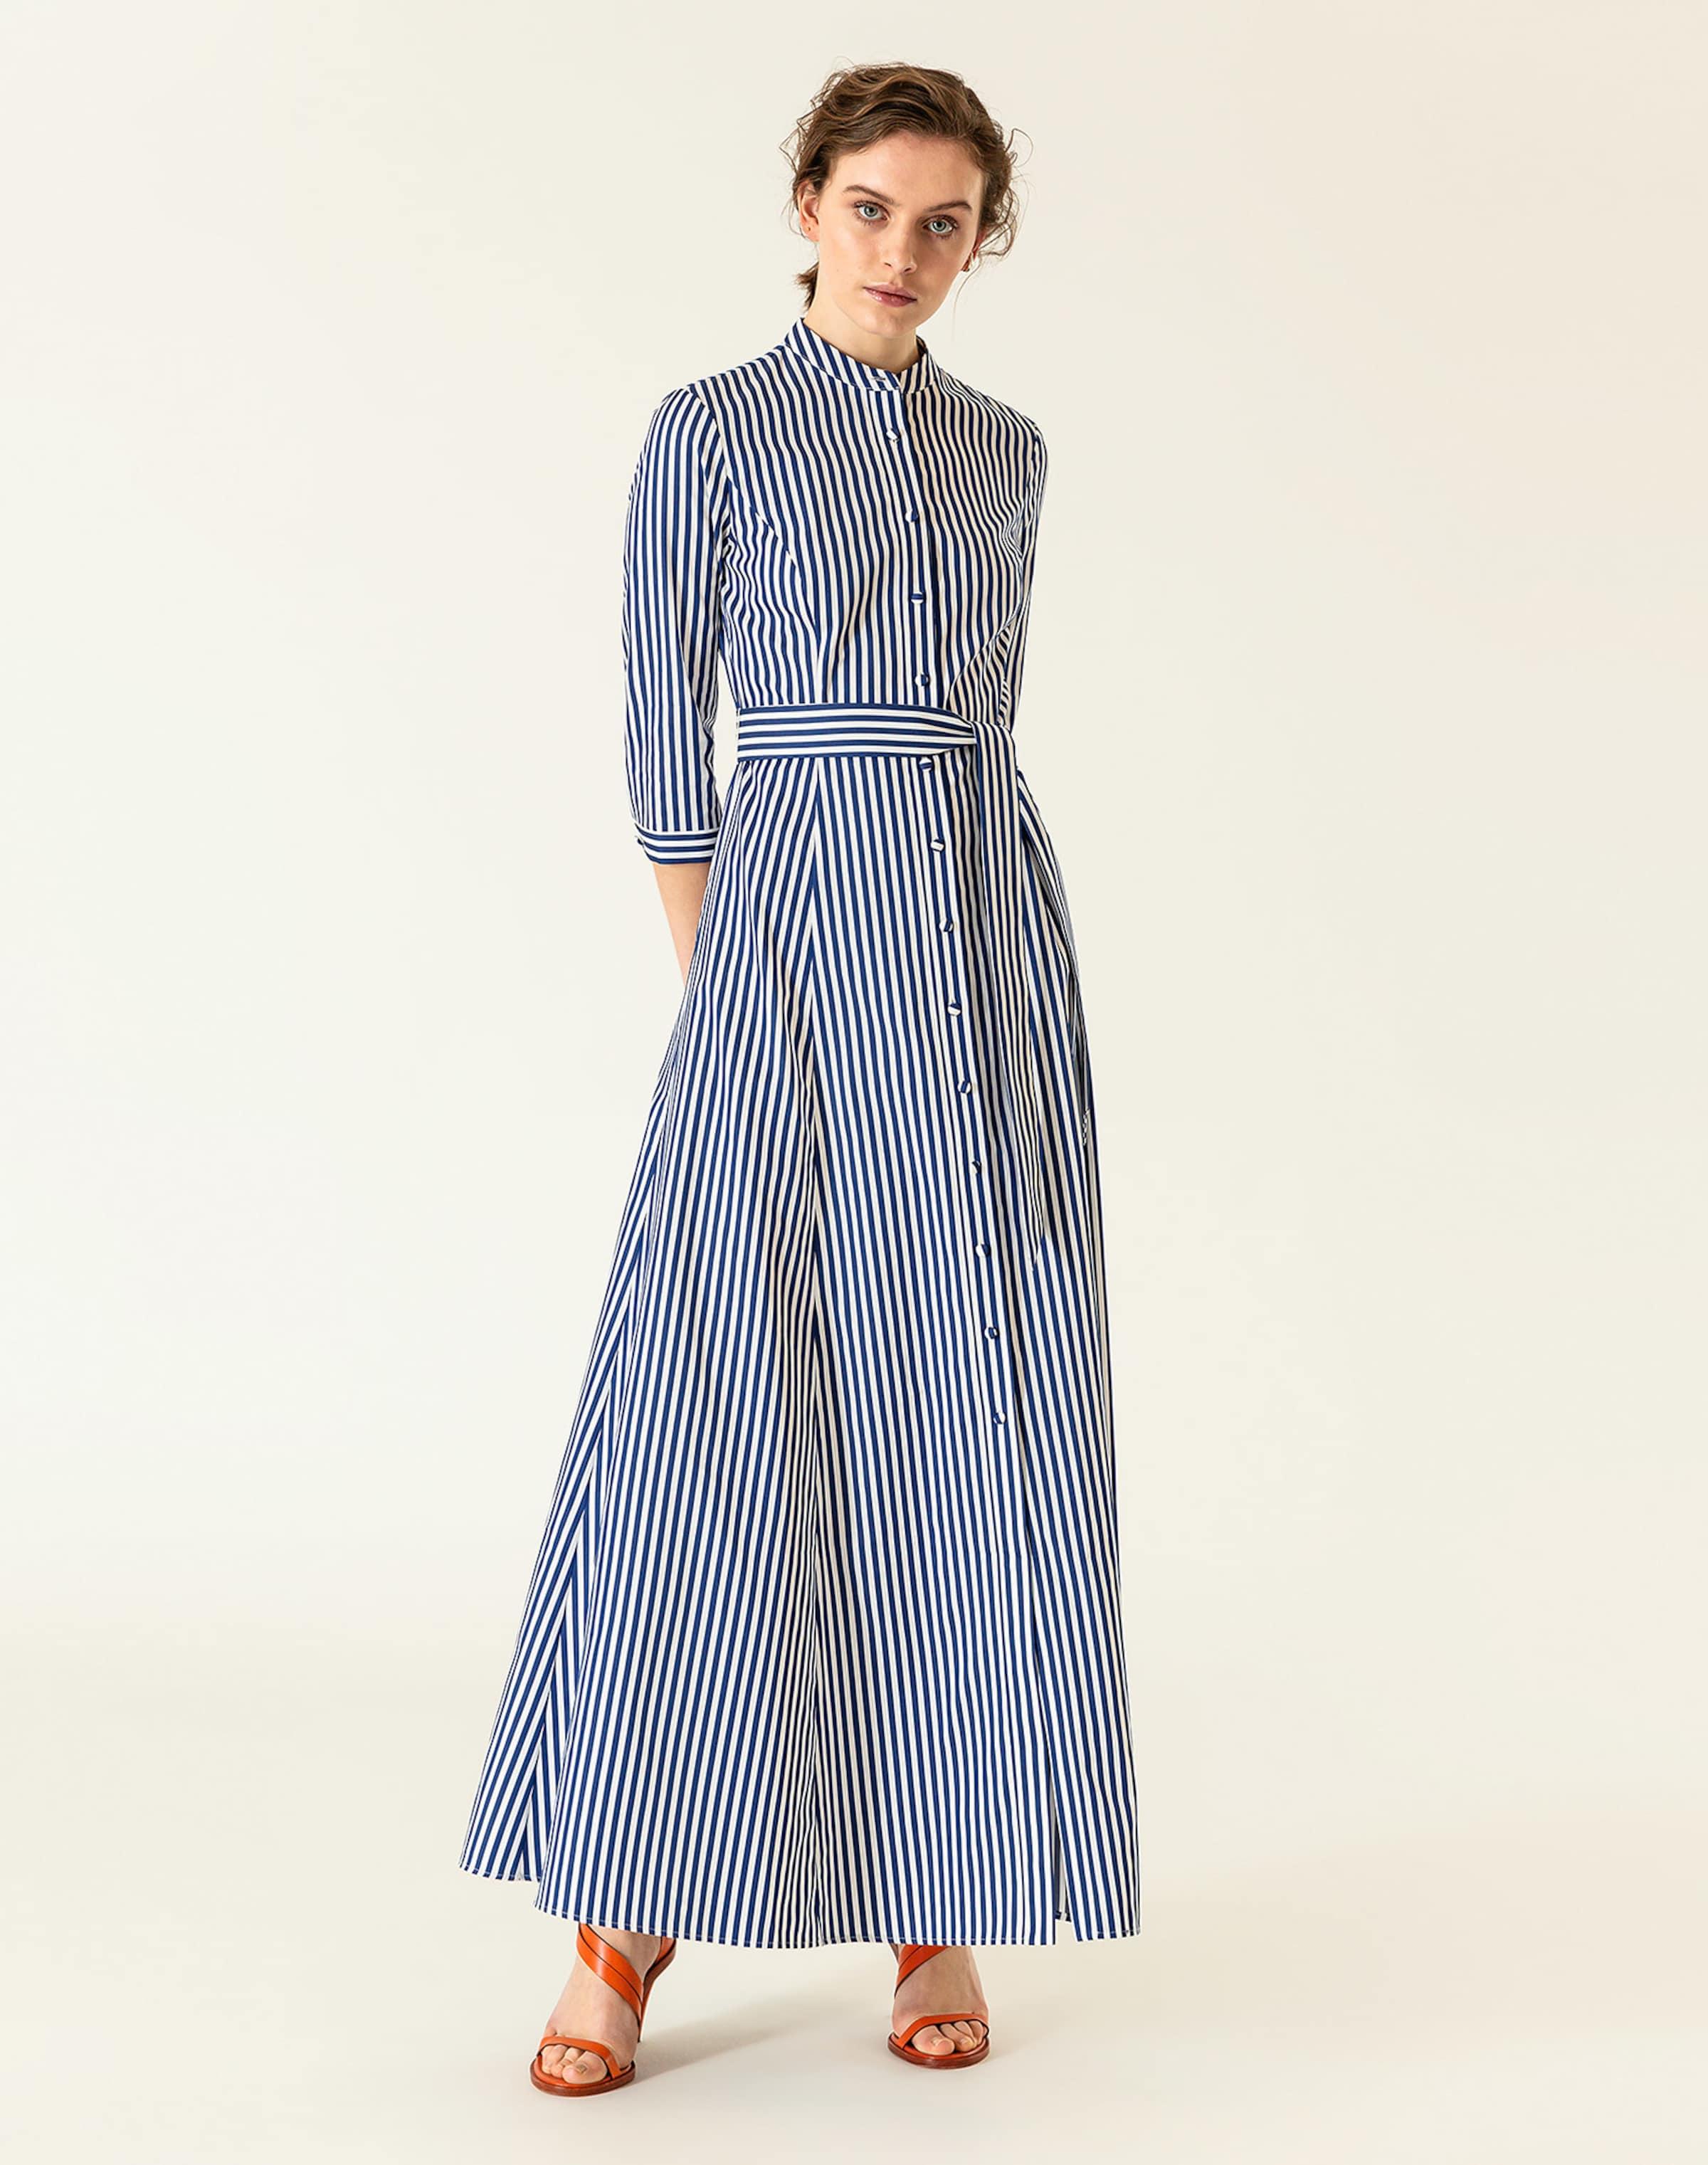 In Oak Dress Dress Ivyamp; In DunkelblauWeiß Ivyamp; DunkelblauWeiß Oak yv0PmnwN8O